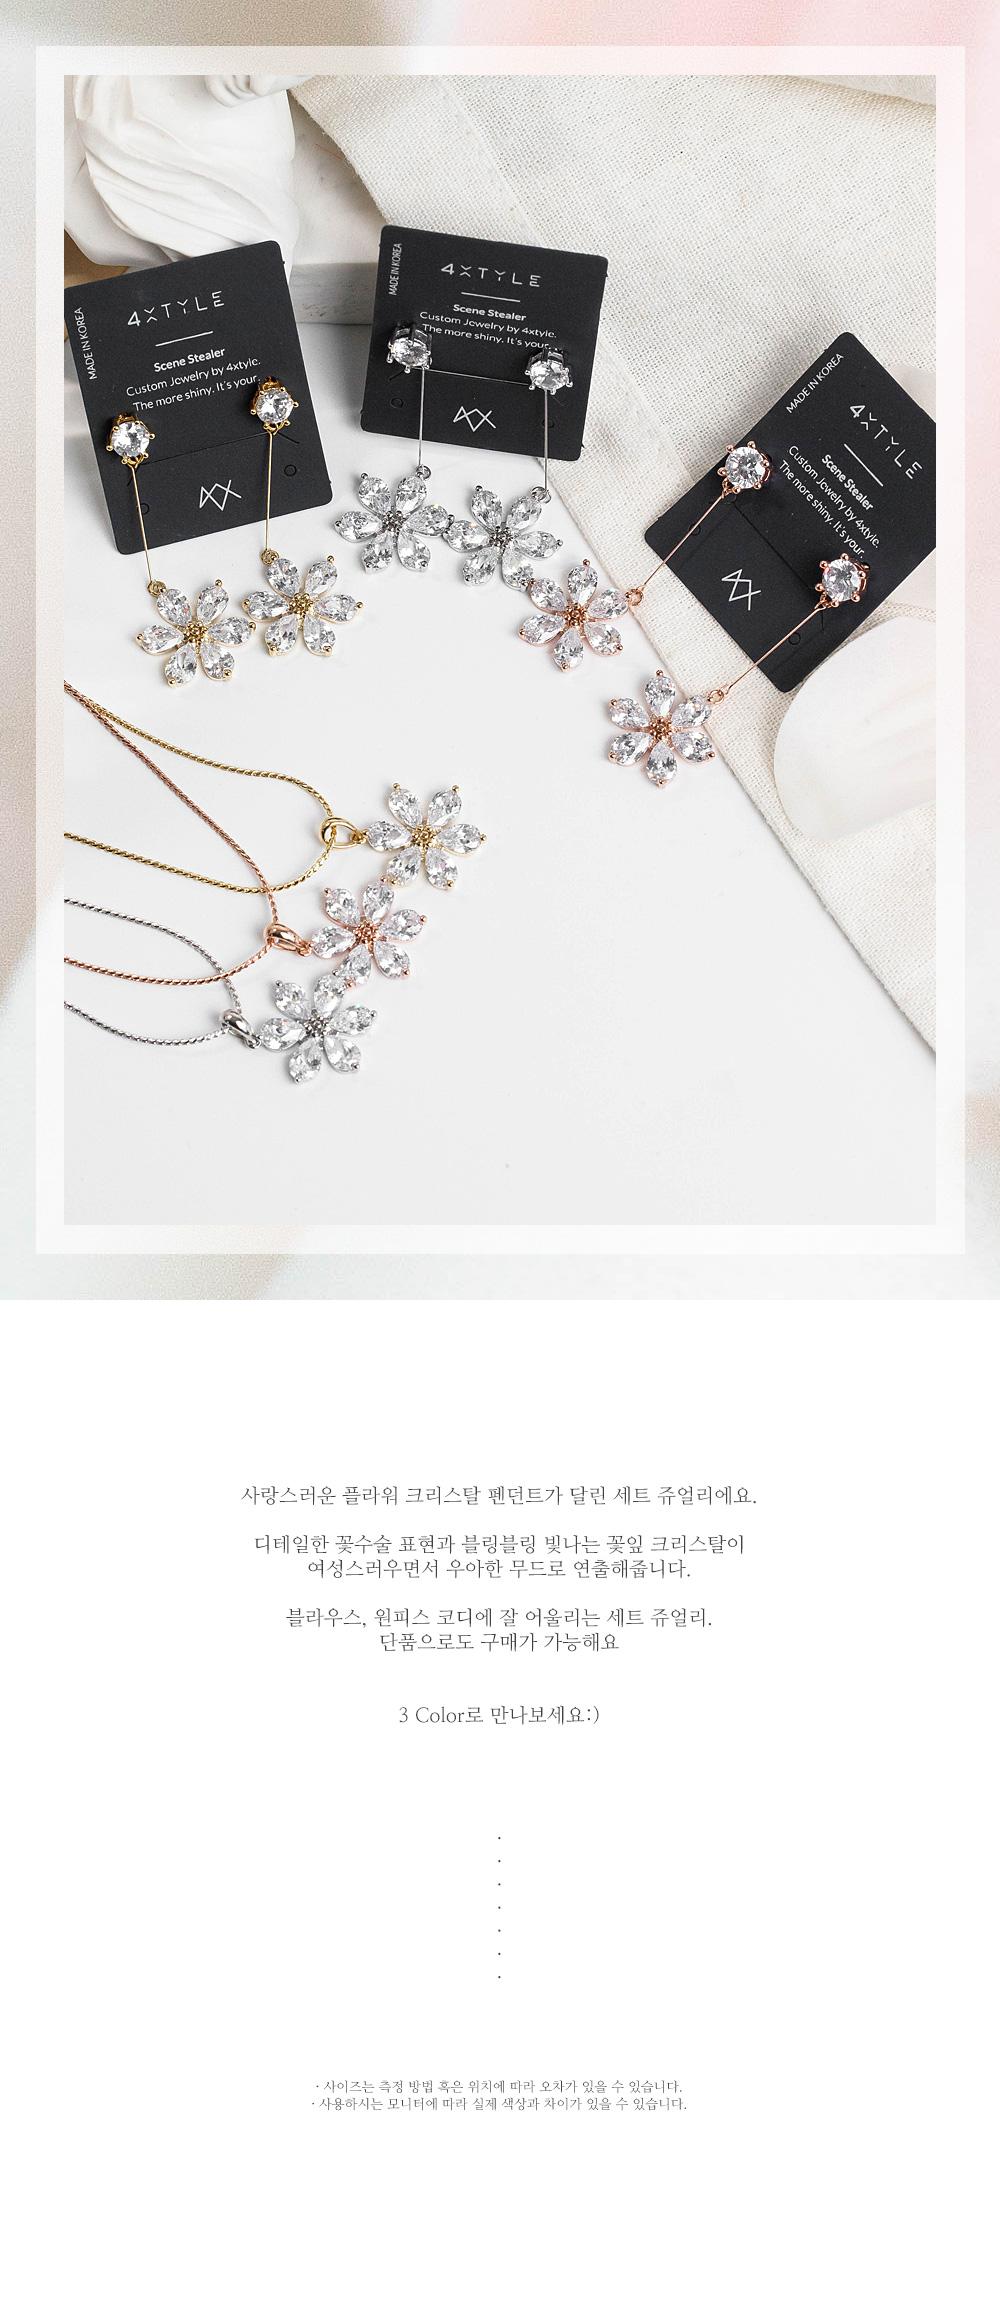 [귀걸이+목걸이] 메리 플라워 크리스탈 세트 - 폭스타일, 18,000원, 주얼리세트, 패션세트